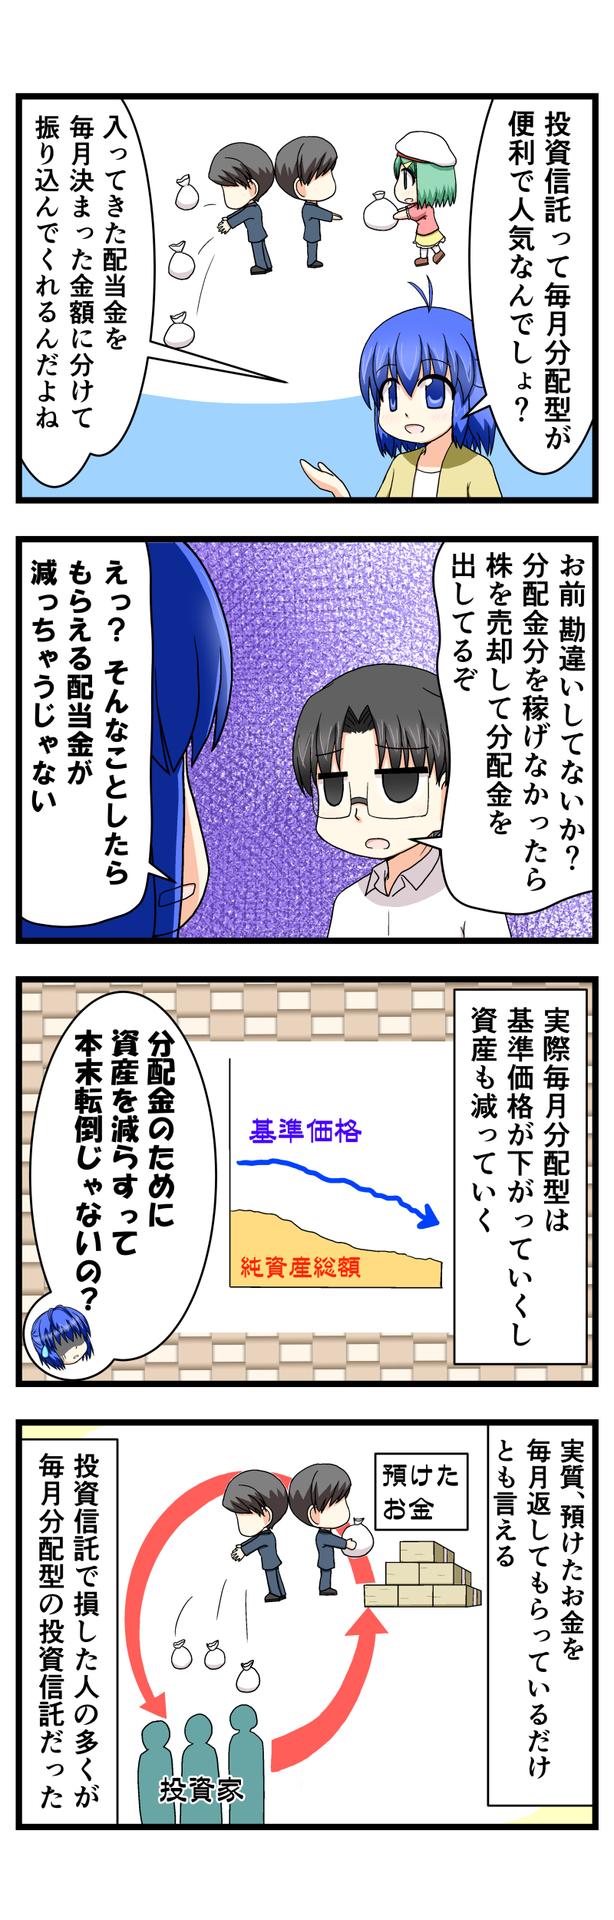 萌える株セミナー103.jpg